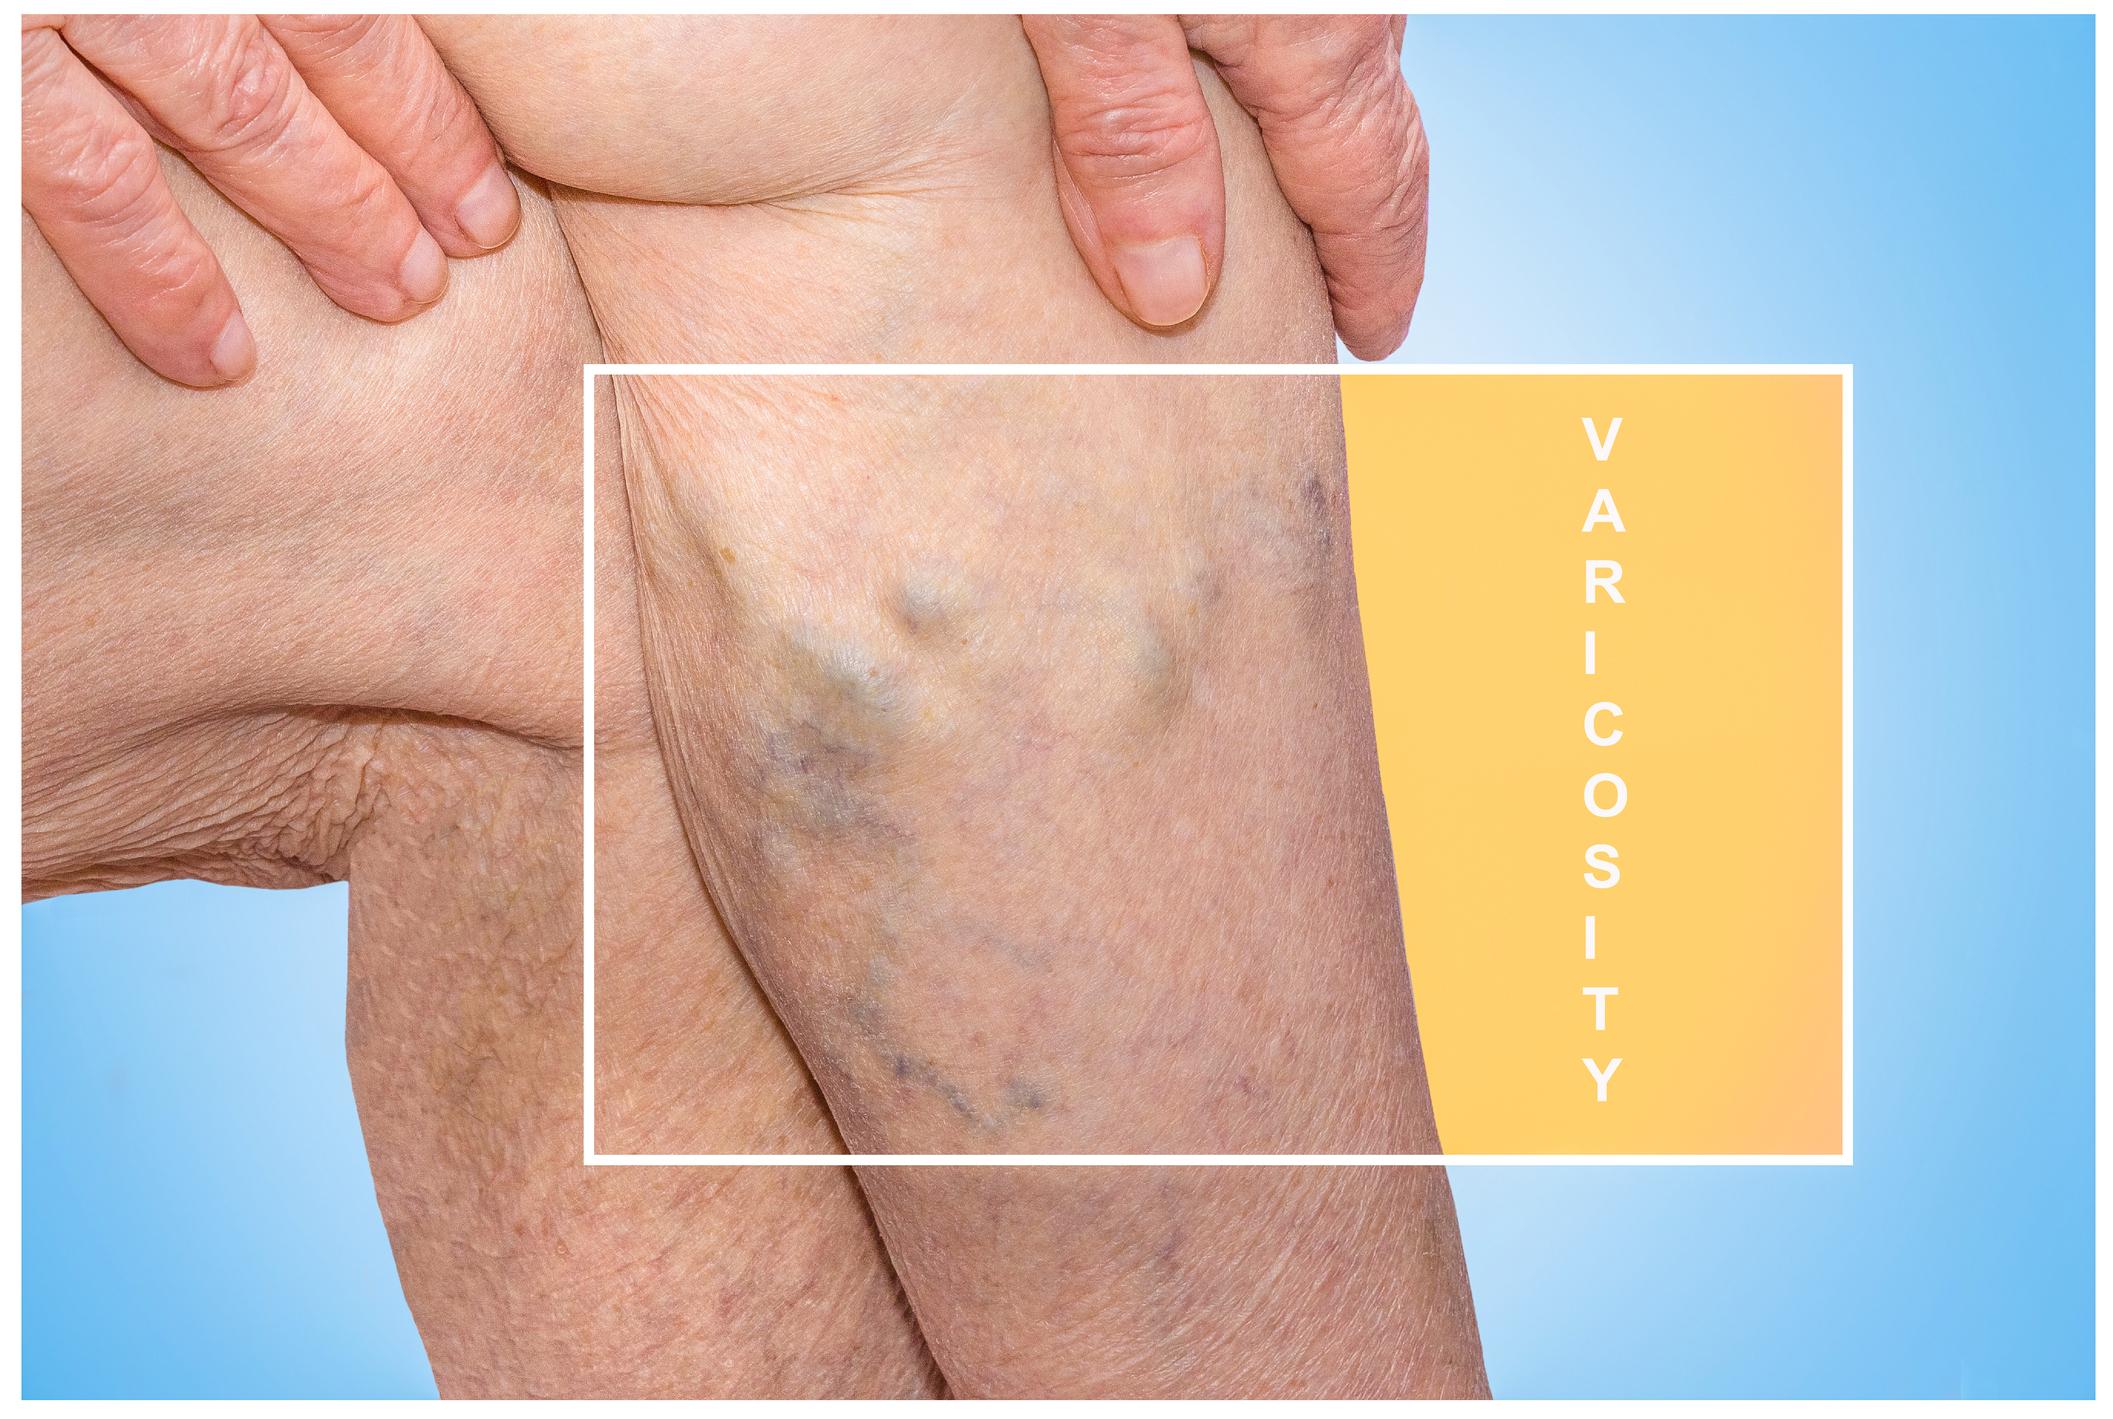 visszér diagnosztikai módszerek pigmentáció a lábon visszérrel